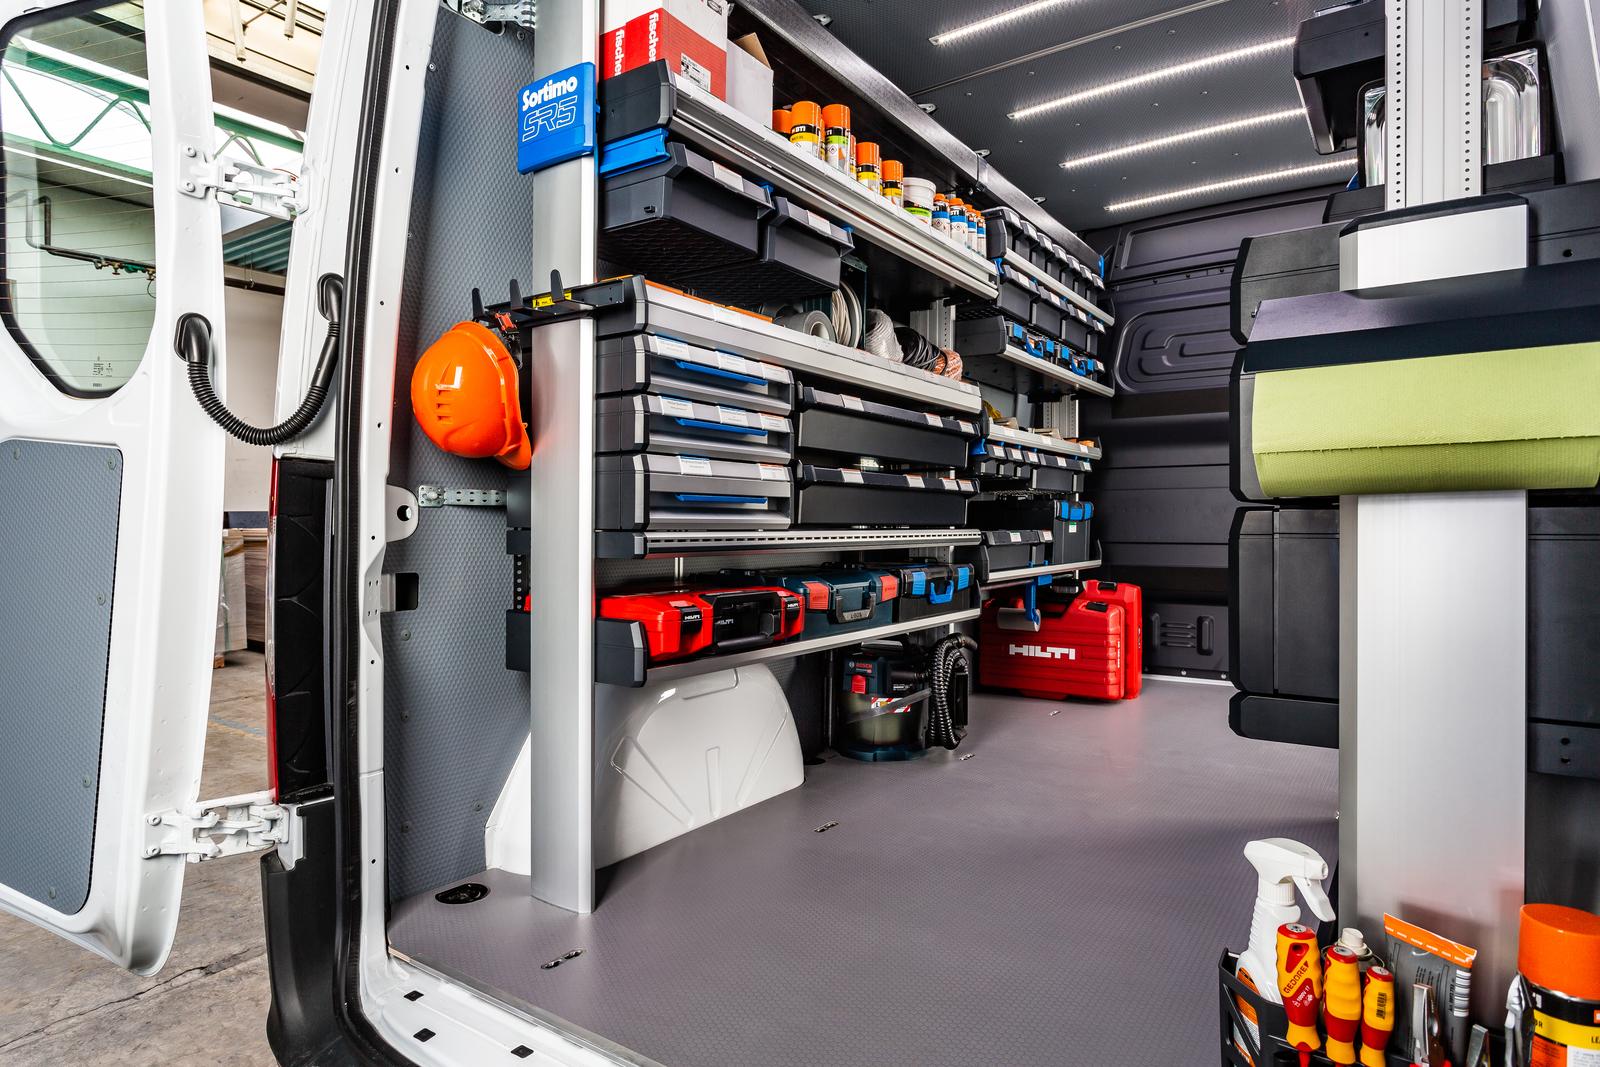 Fordonsinredning – stuva undan och transportera verktyg och material på ett säkert sätt